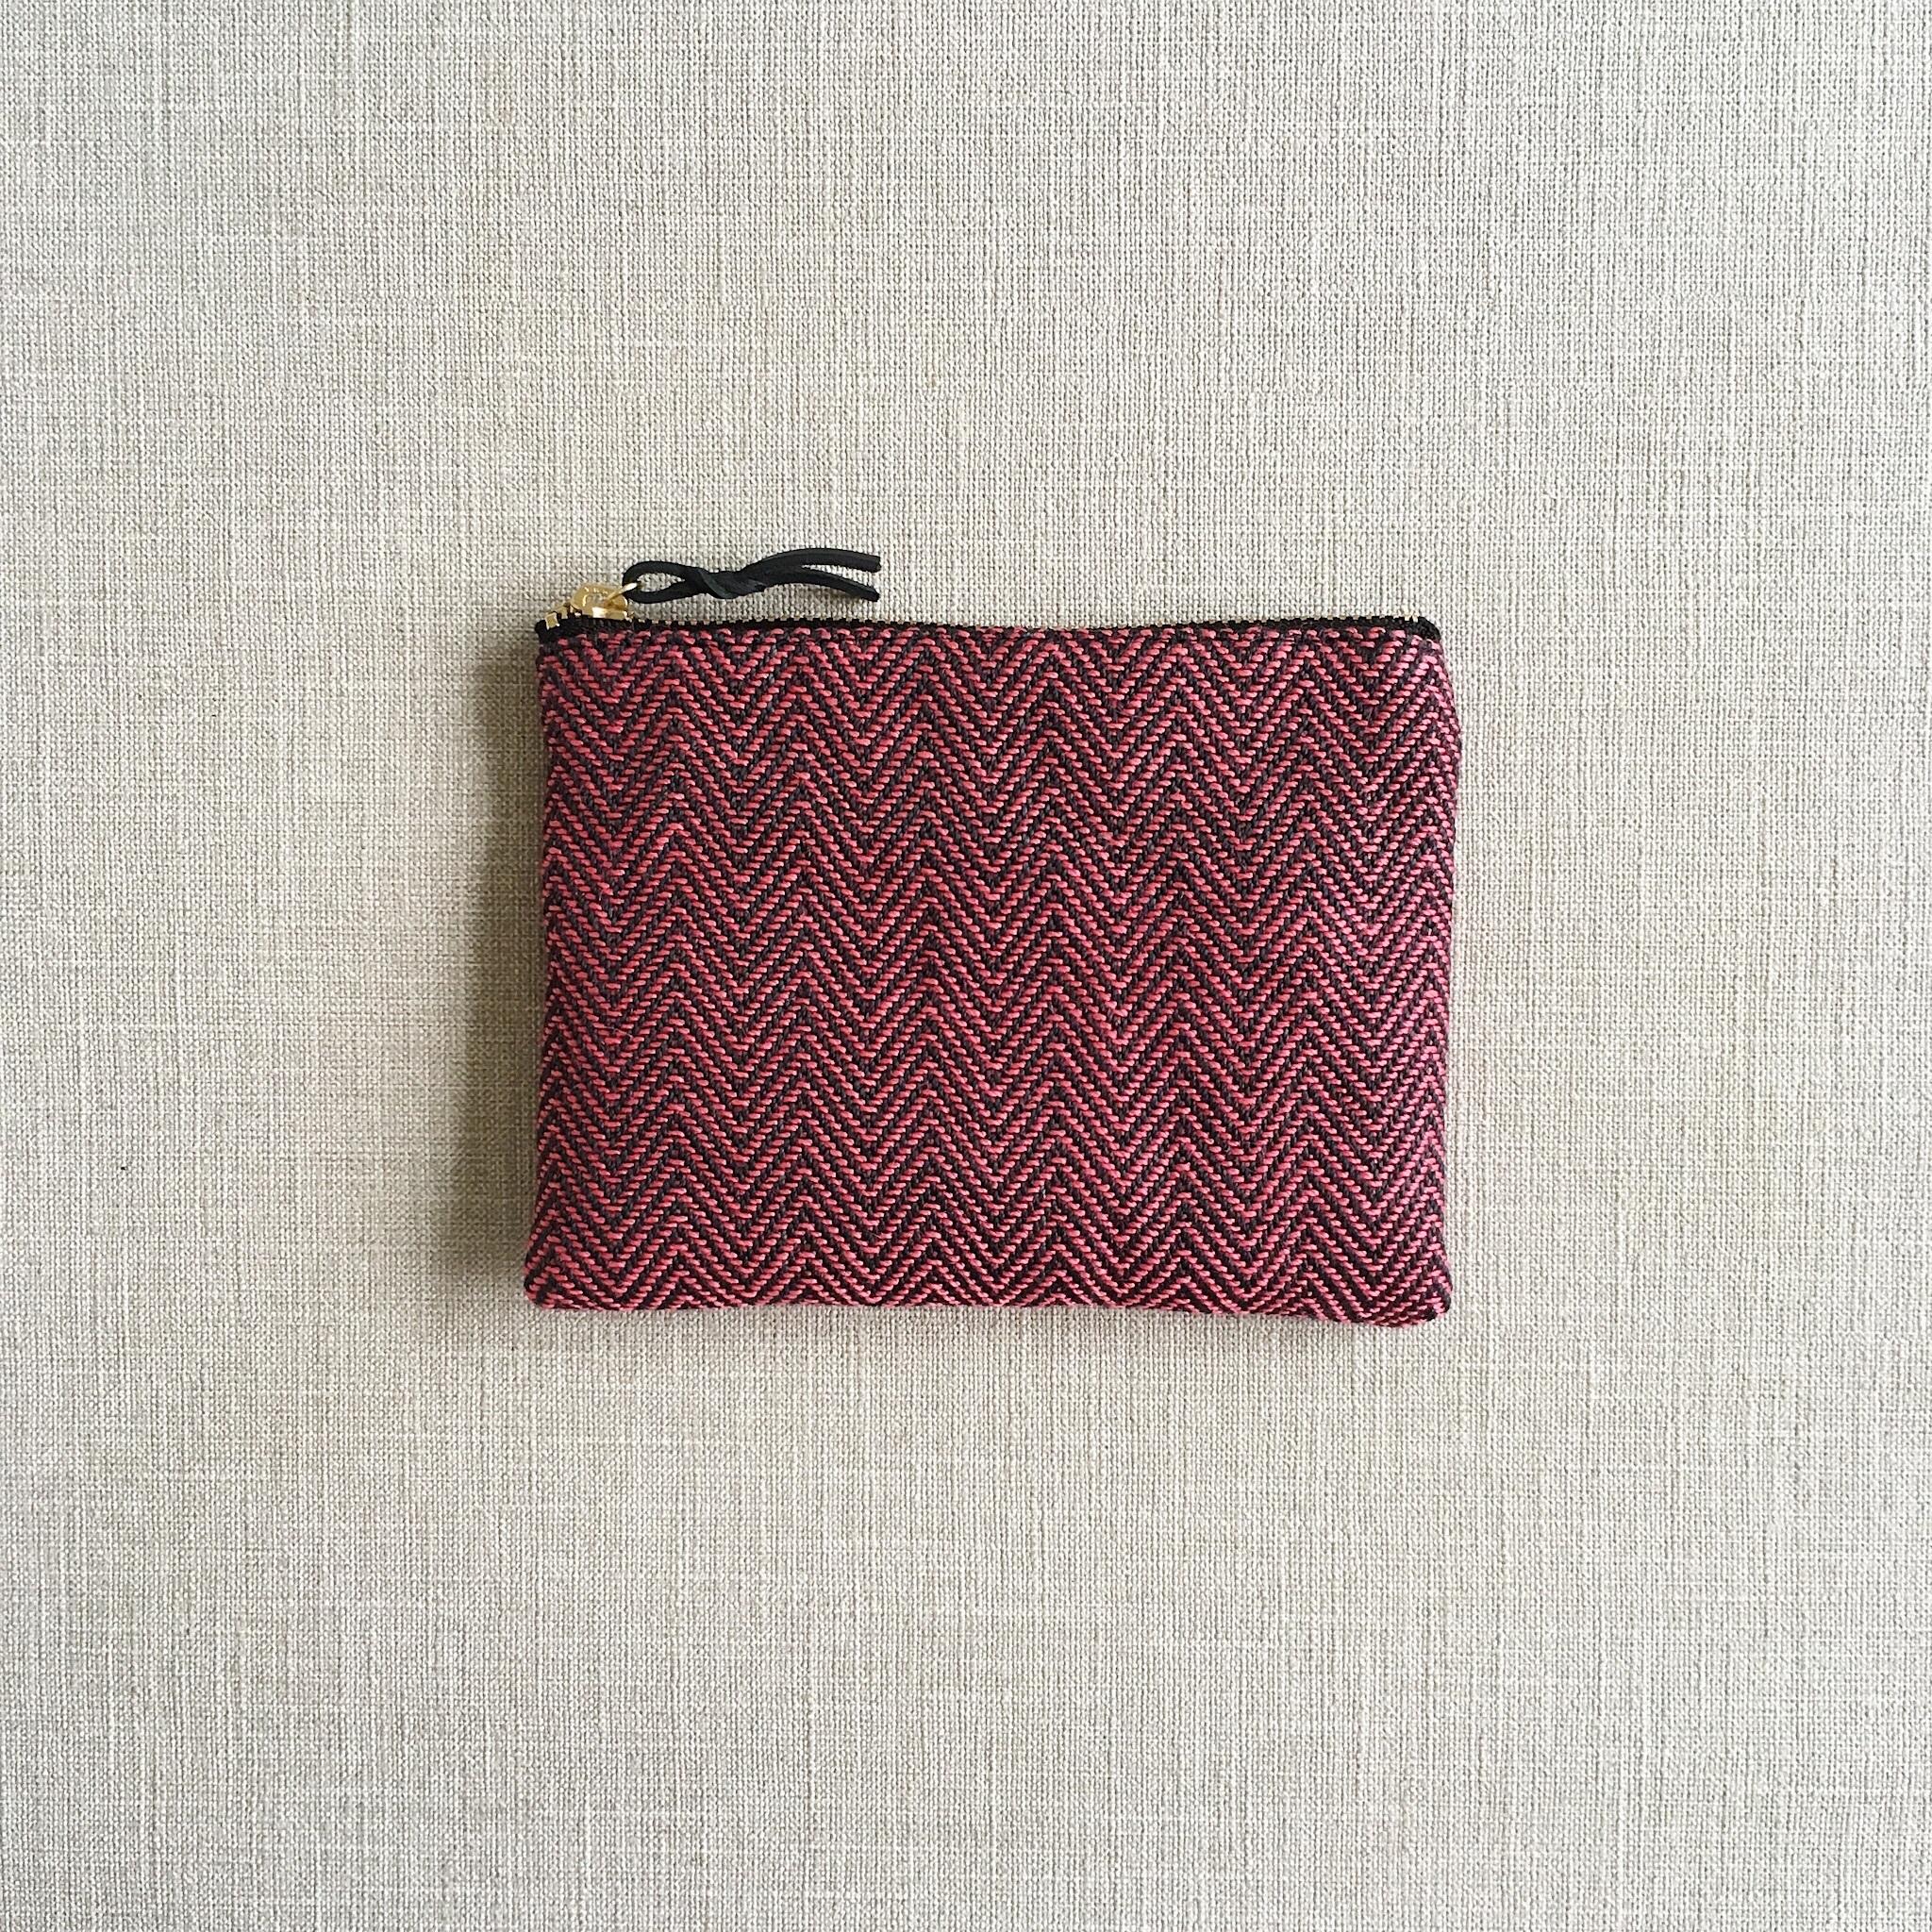 手織りミニポーチ(Accessory case 14cm Pink herringbone)